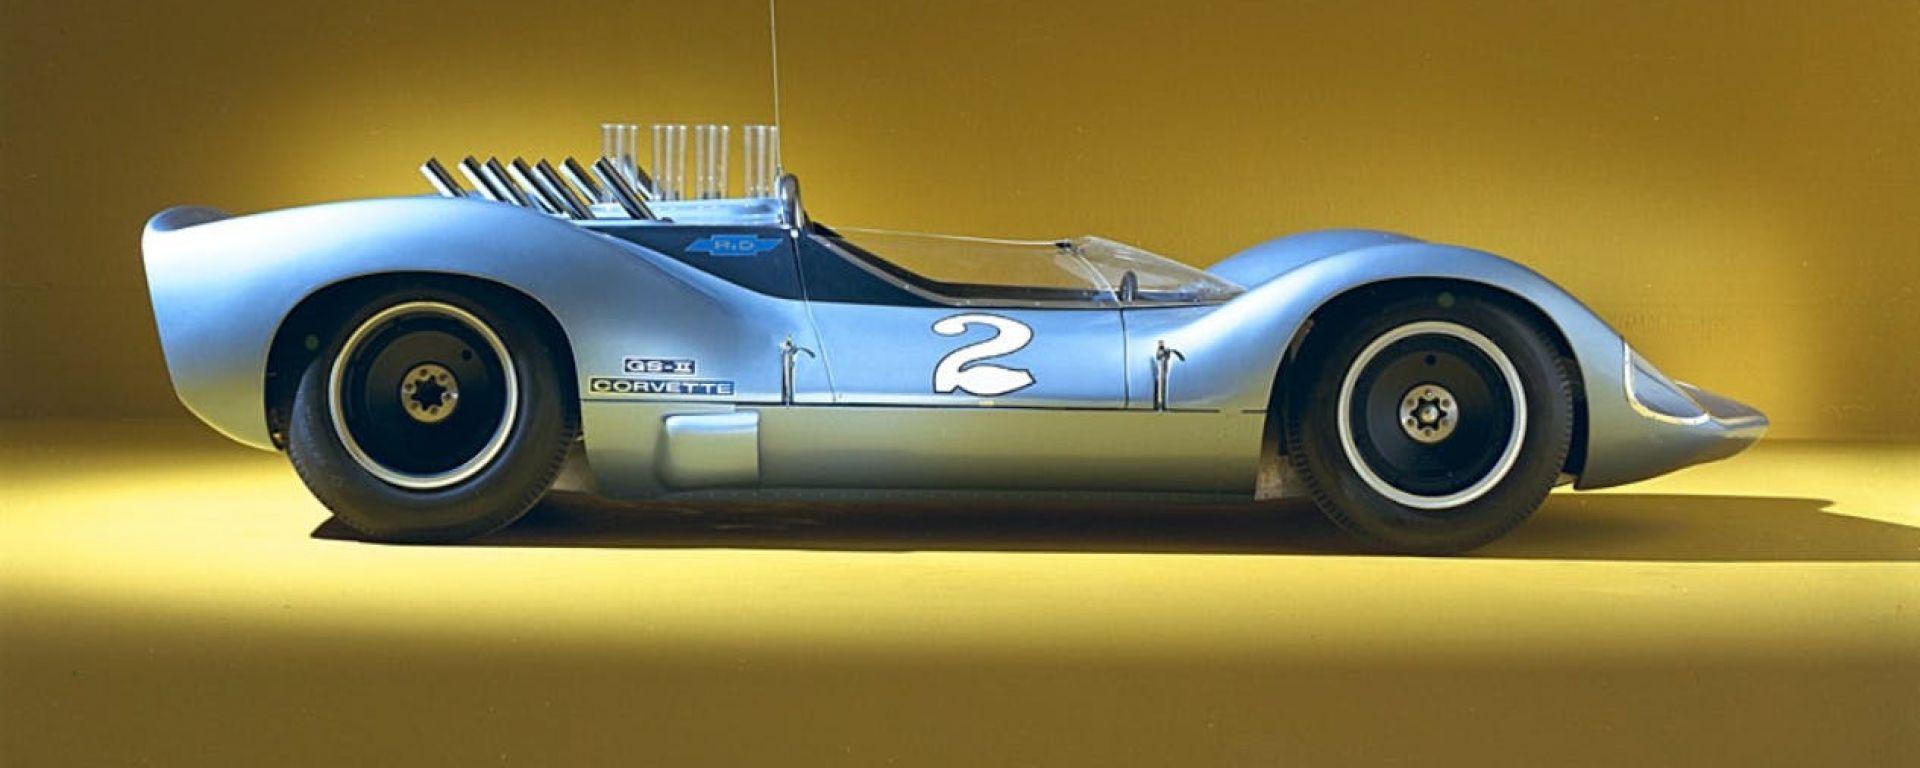 Corvette GS IIB del 1964: vista laterale del prototipo